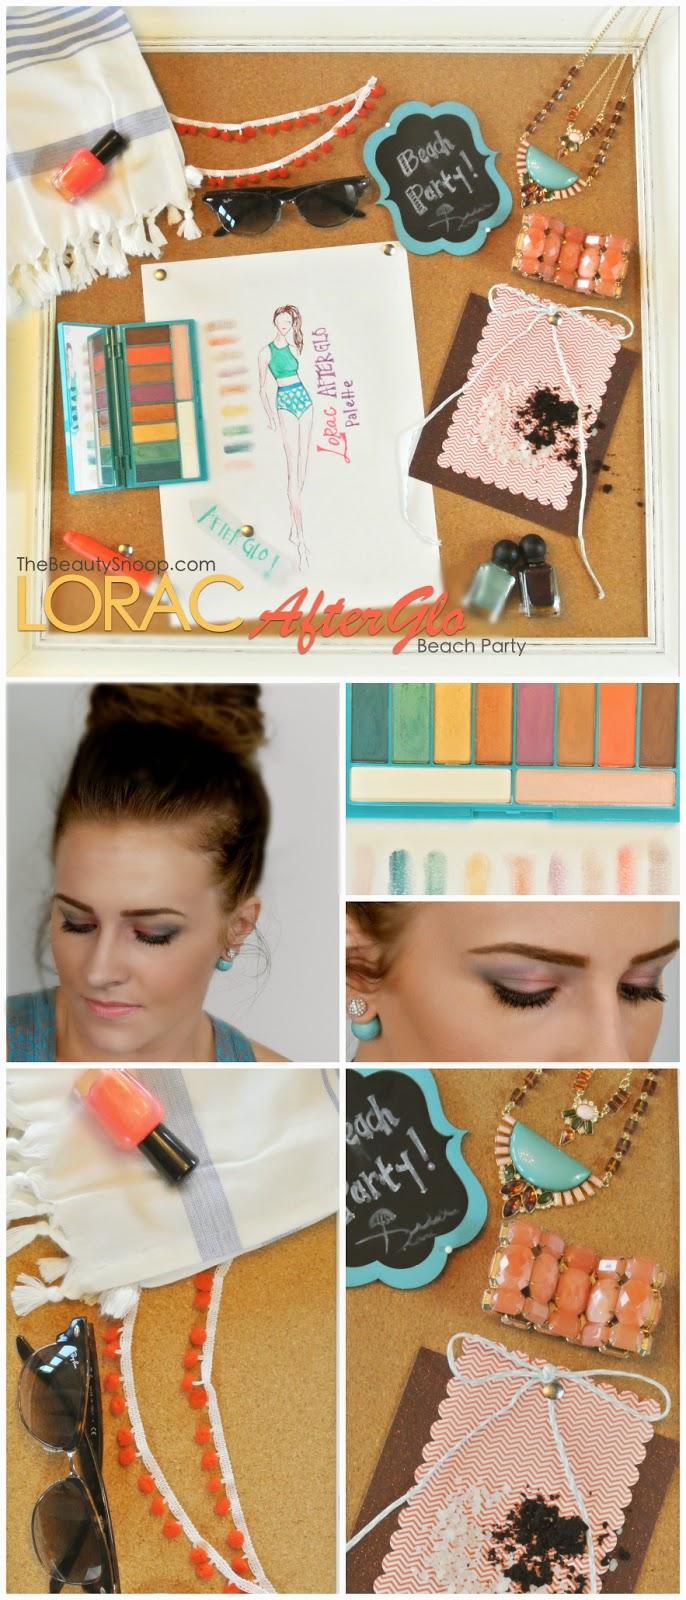 Lorac Makeup, Beach Palette, After Glo Palette, Lorac Review